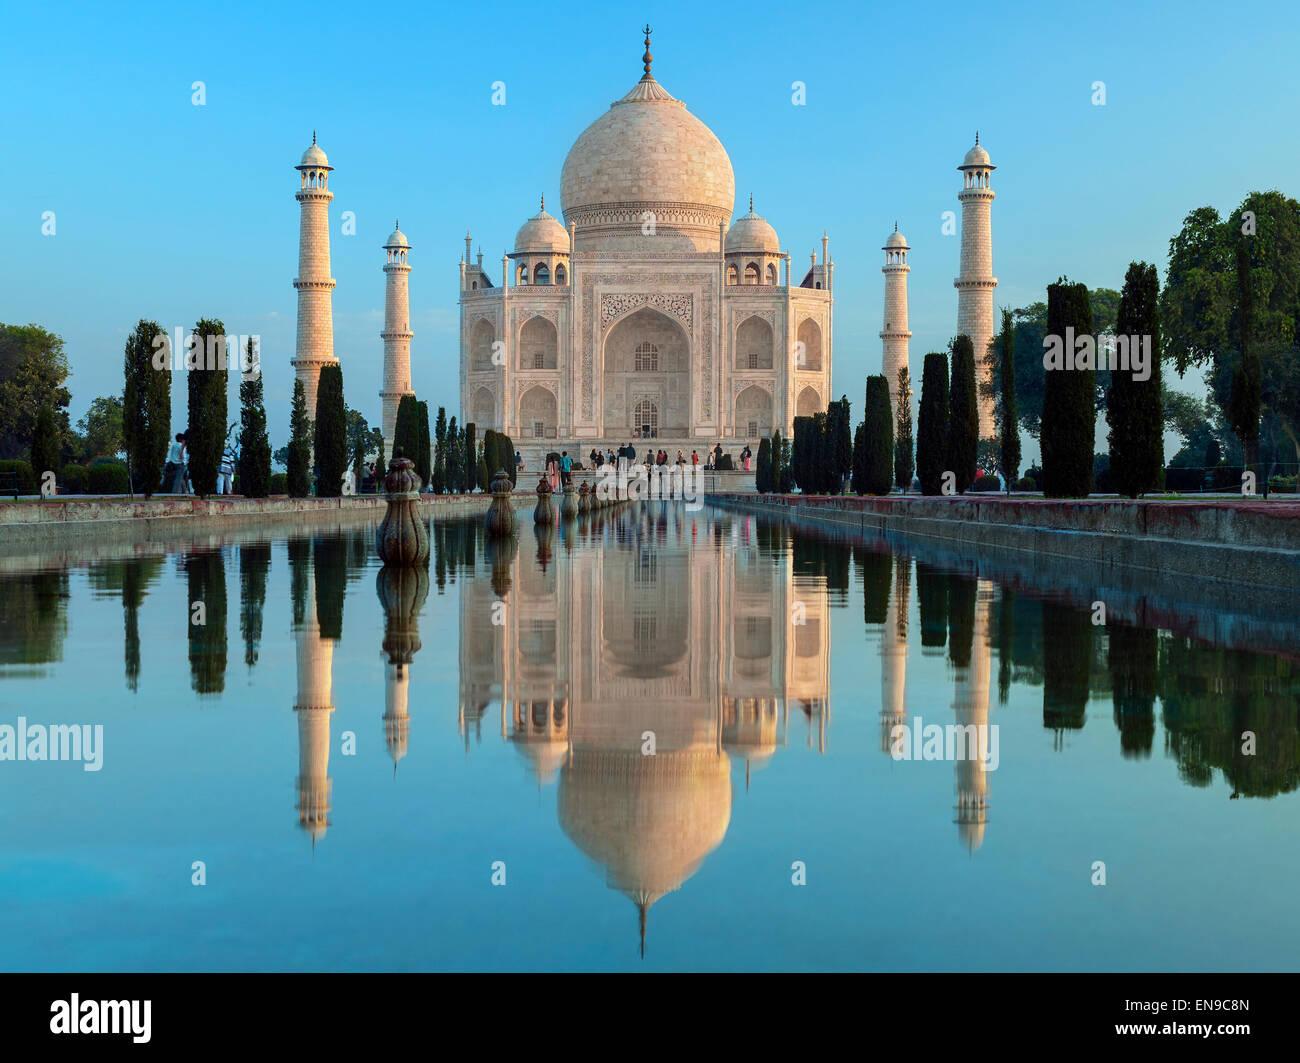 El Taj Mahal al amanecer, un mausoleo en Agra en el norte de la India. Imagen De Stock